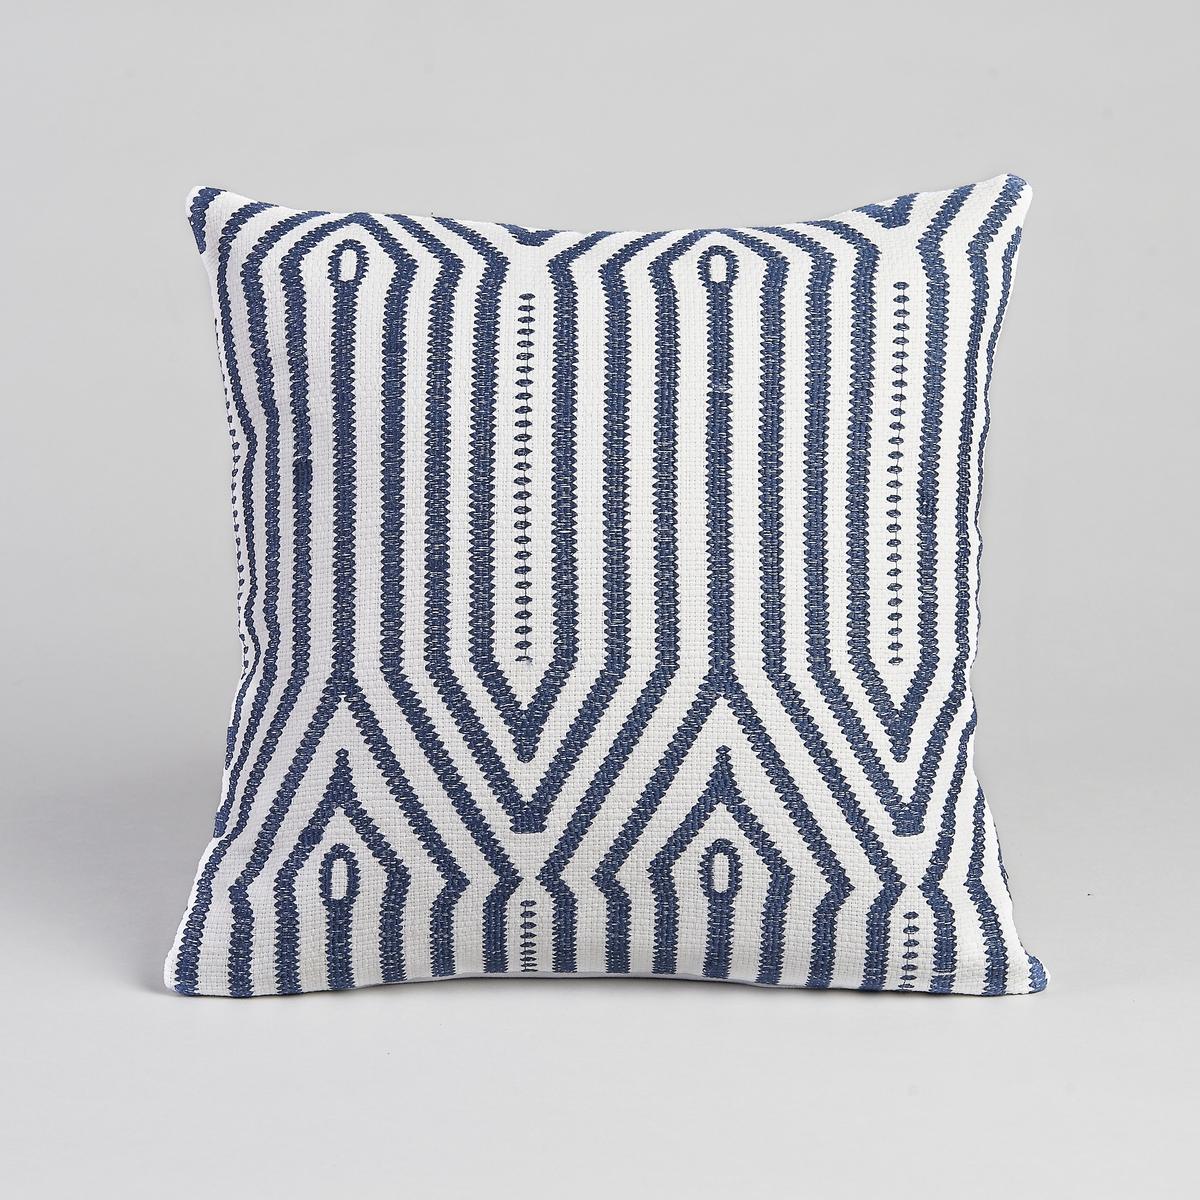 Чехол для подушки ZatymЧехол для подушки Zatym. Графичная вышивка цвета экрю и синего цвета. Застёжка на скрытую молнию сзади. 100% хлопок с вышивкой. Машинная стирка при 30 °C. Размер : 40 x 40 см.<br><br>Цвет: экрю/ синий<br>Размер: 40 x 40  см